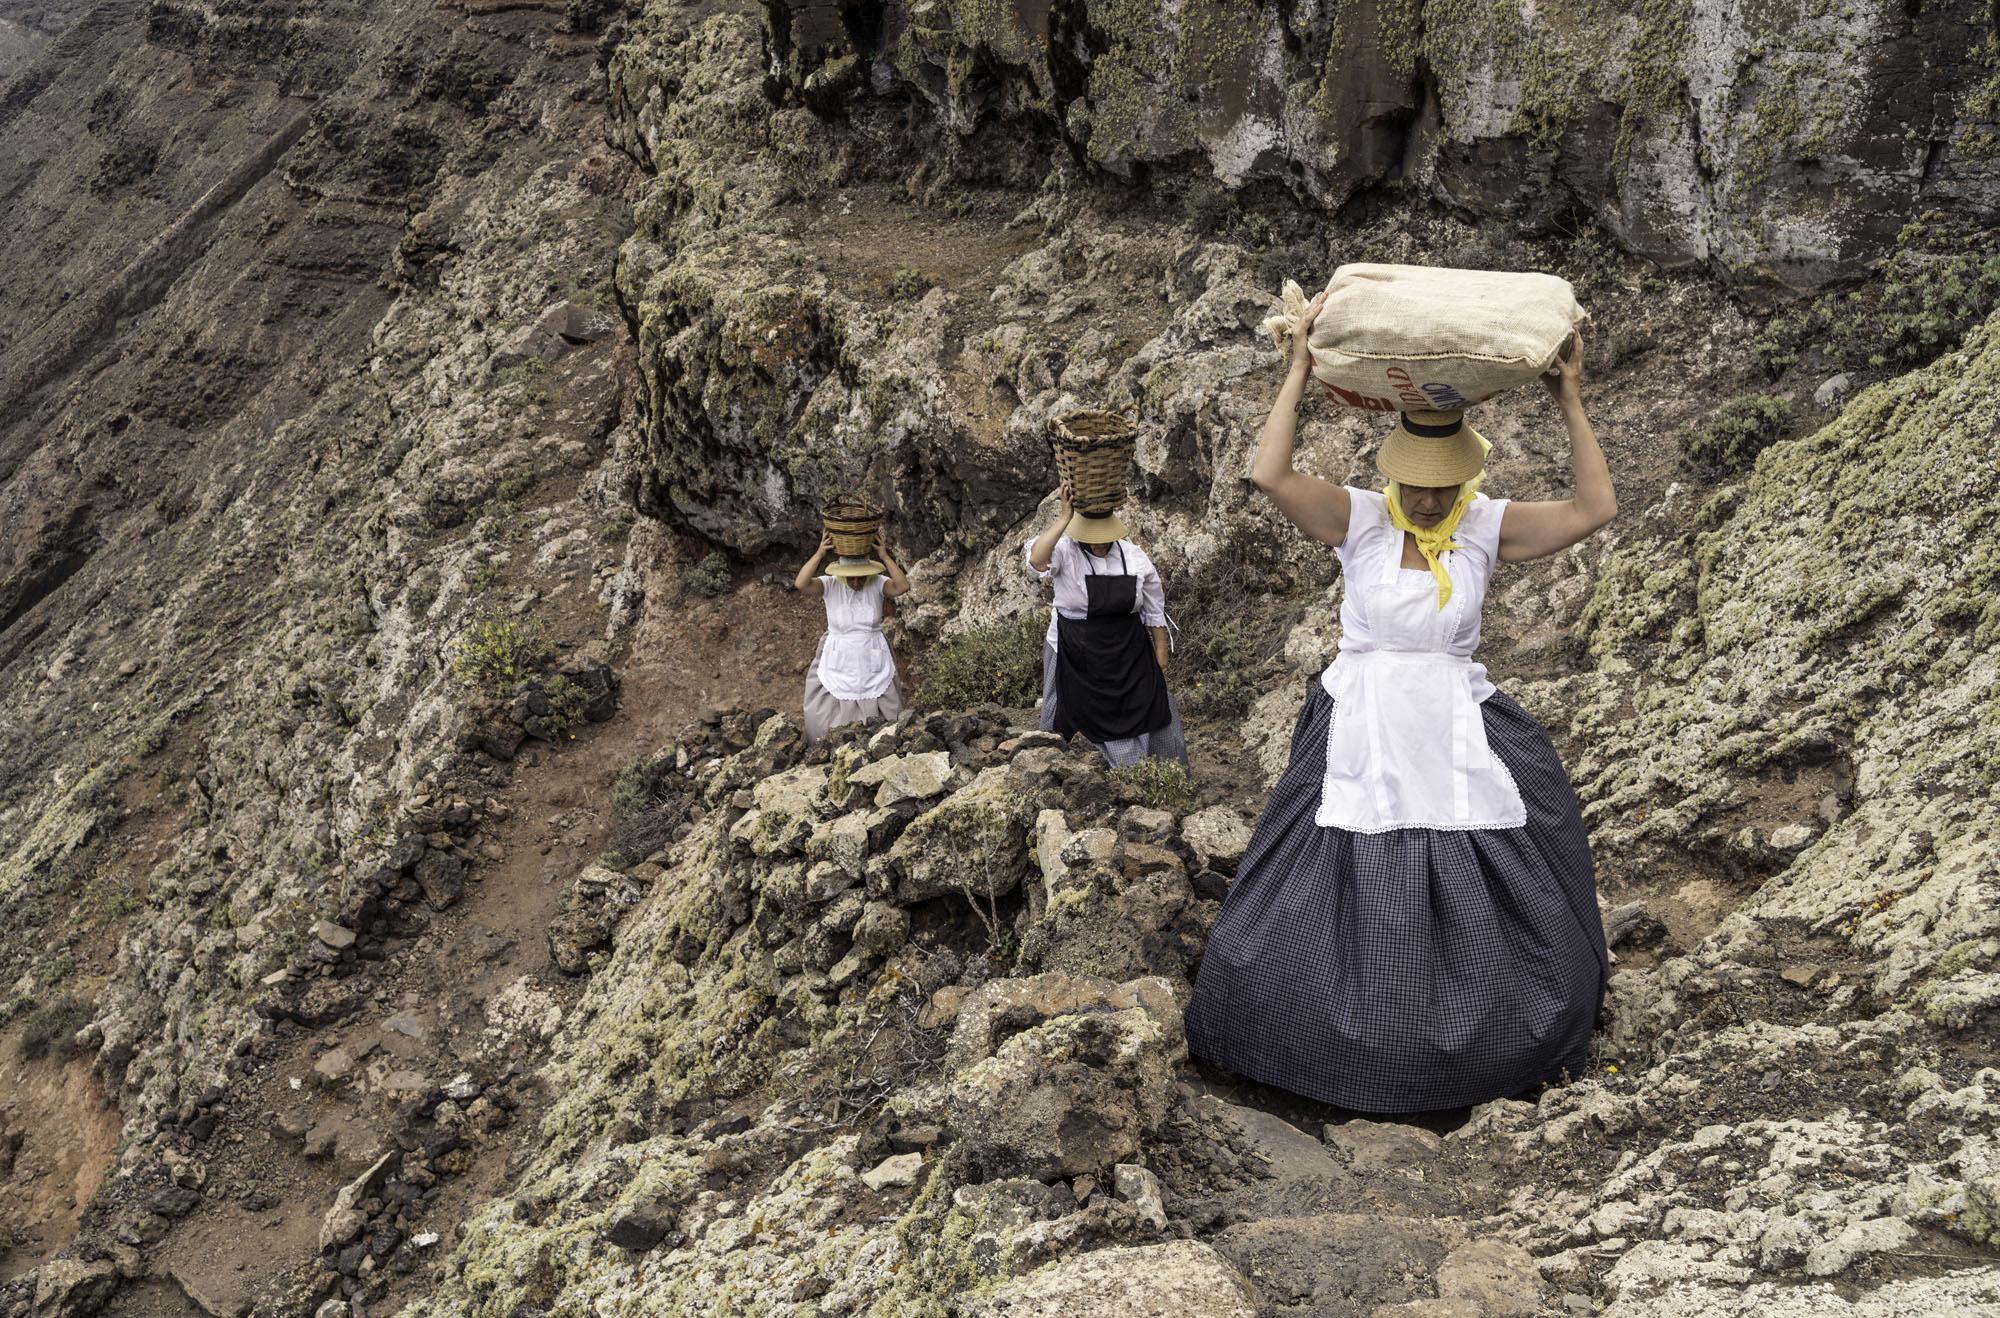 Ls mujeres podían cargar hasta 30 kilos de pescado.